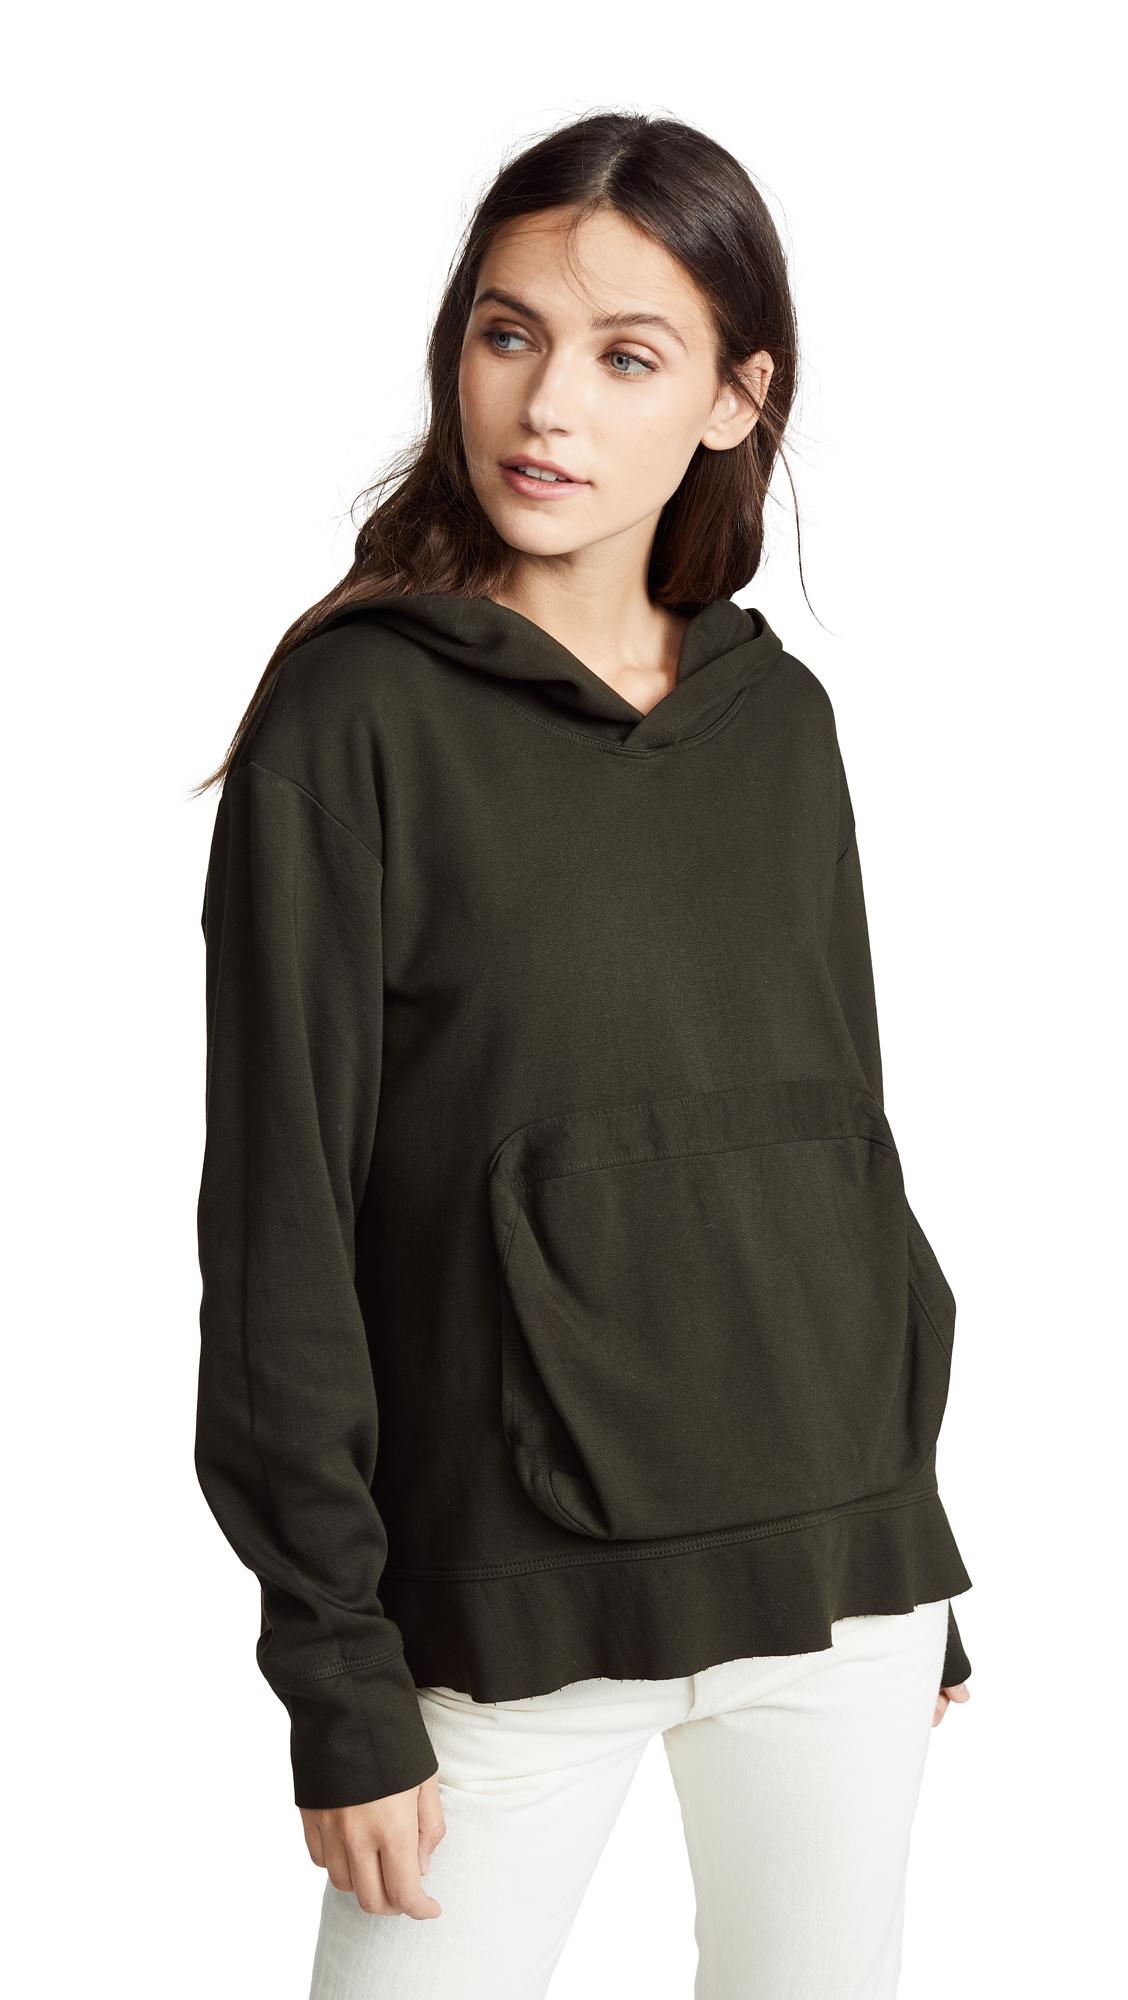 WILT Slouchy Pocket Long Sleeve Hoodie in Seaweed